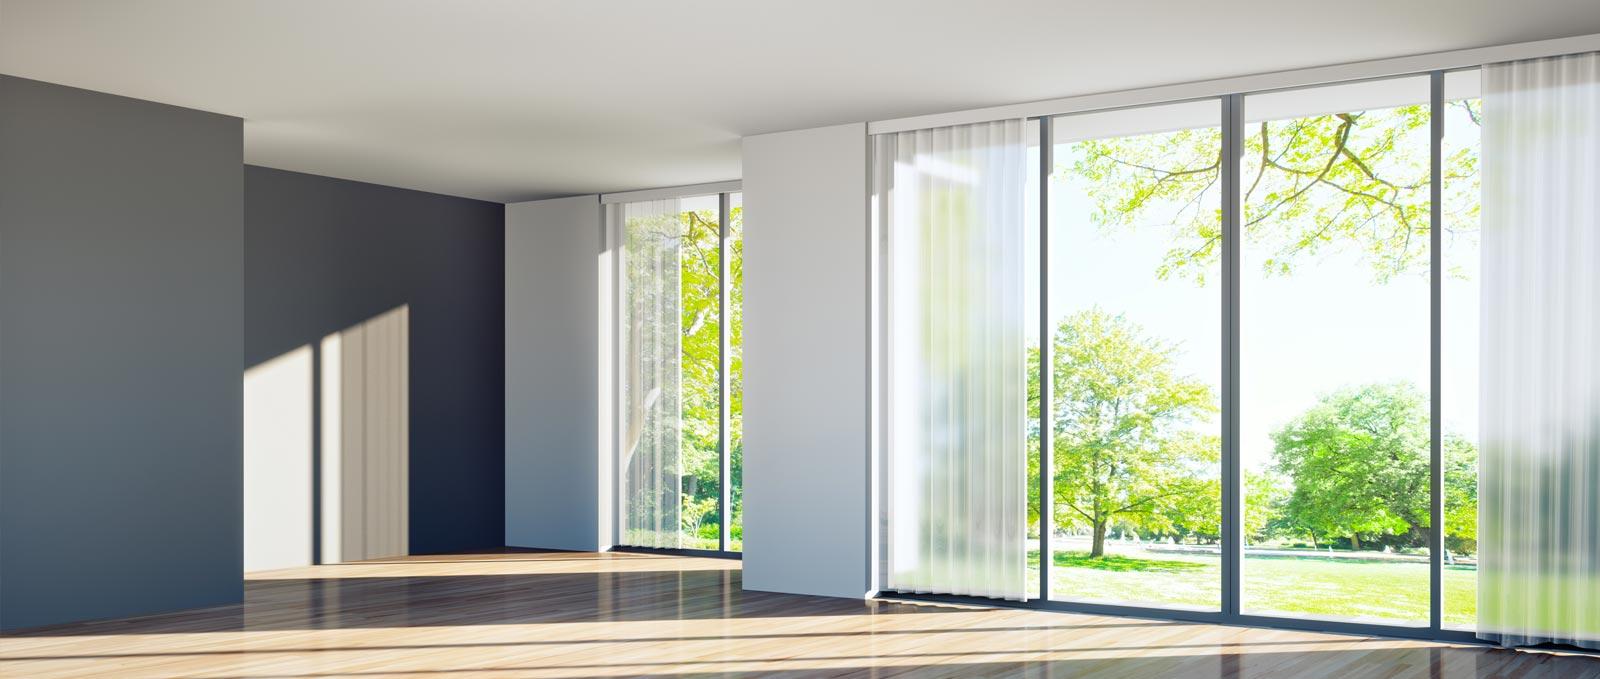 Portes fenêtres aluminium Colmar